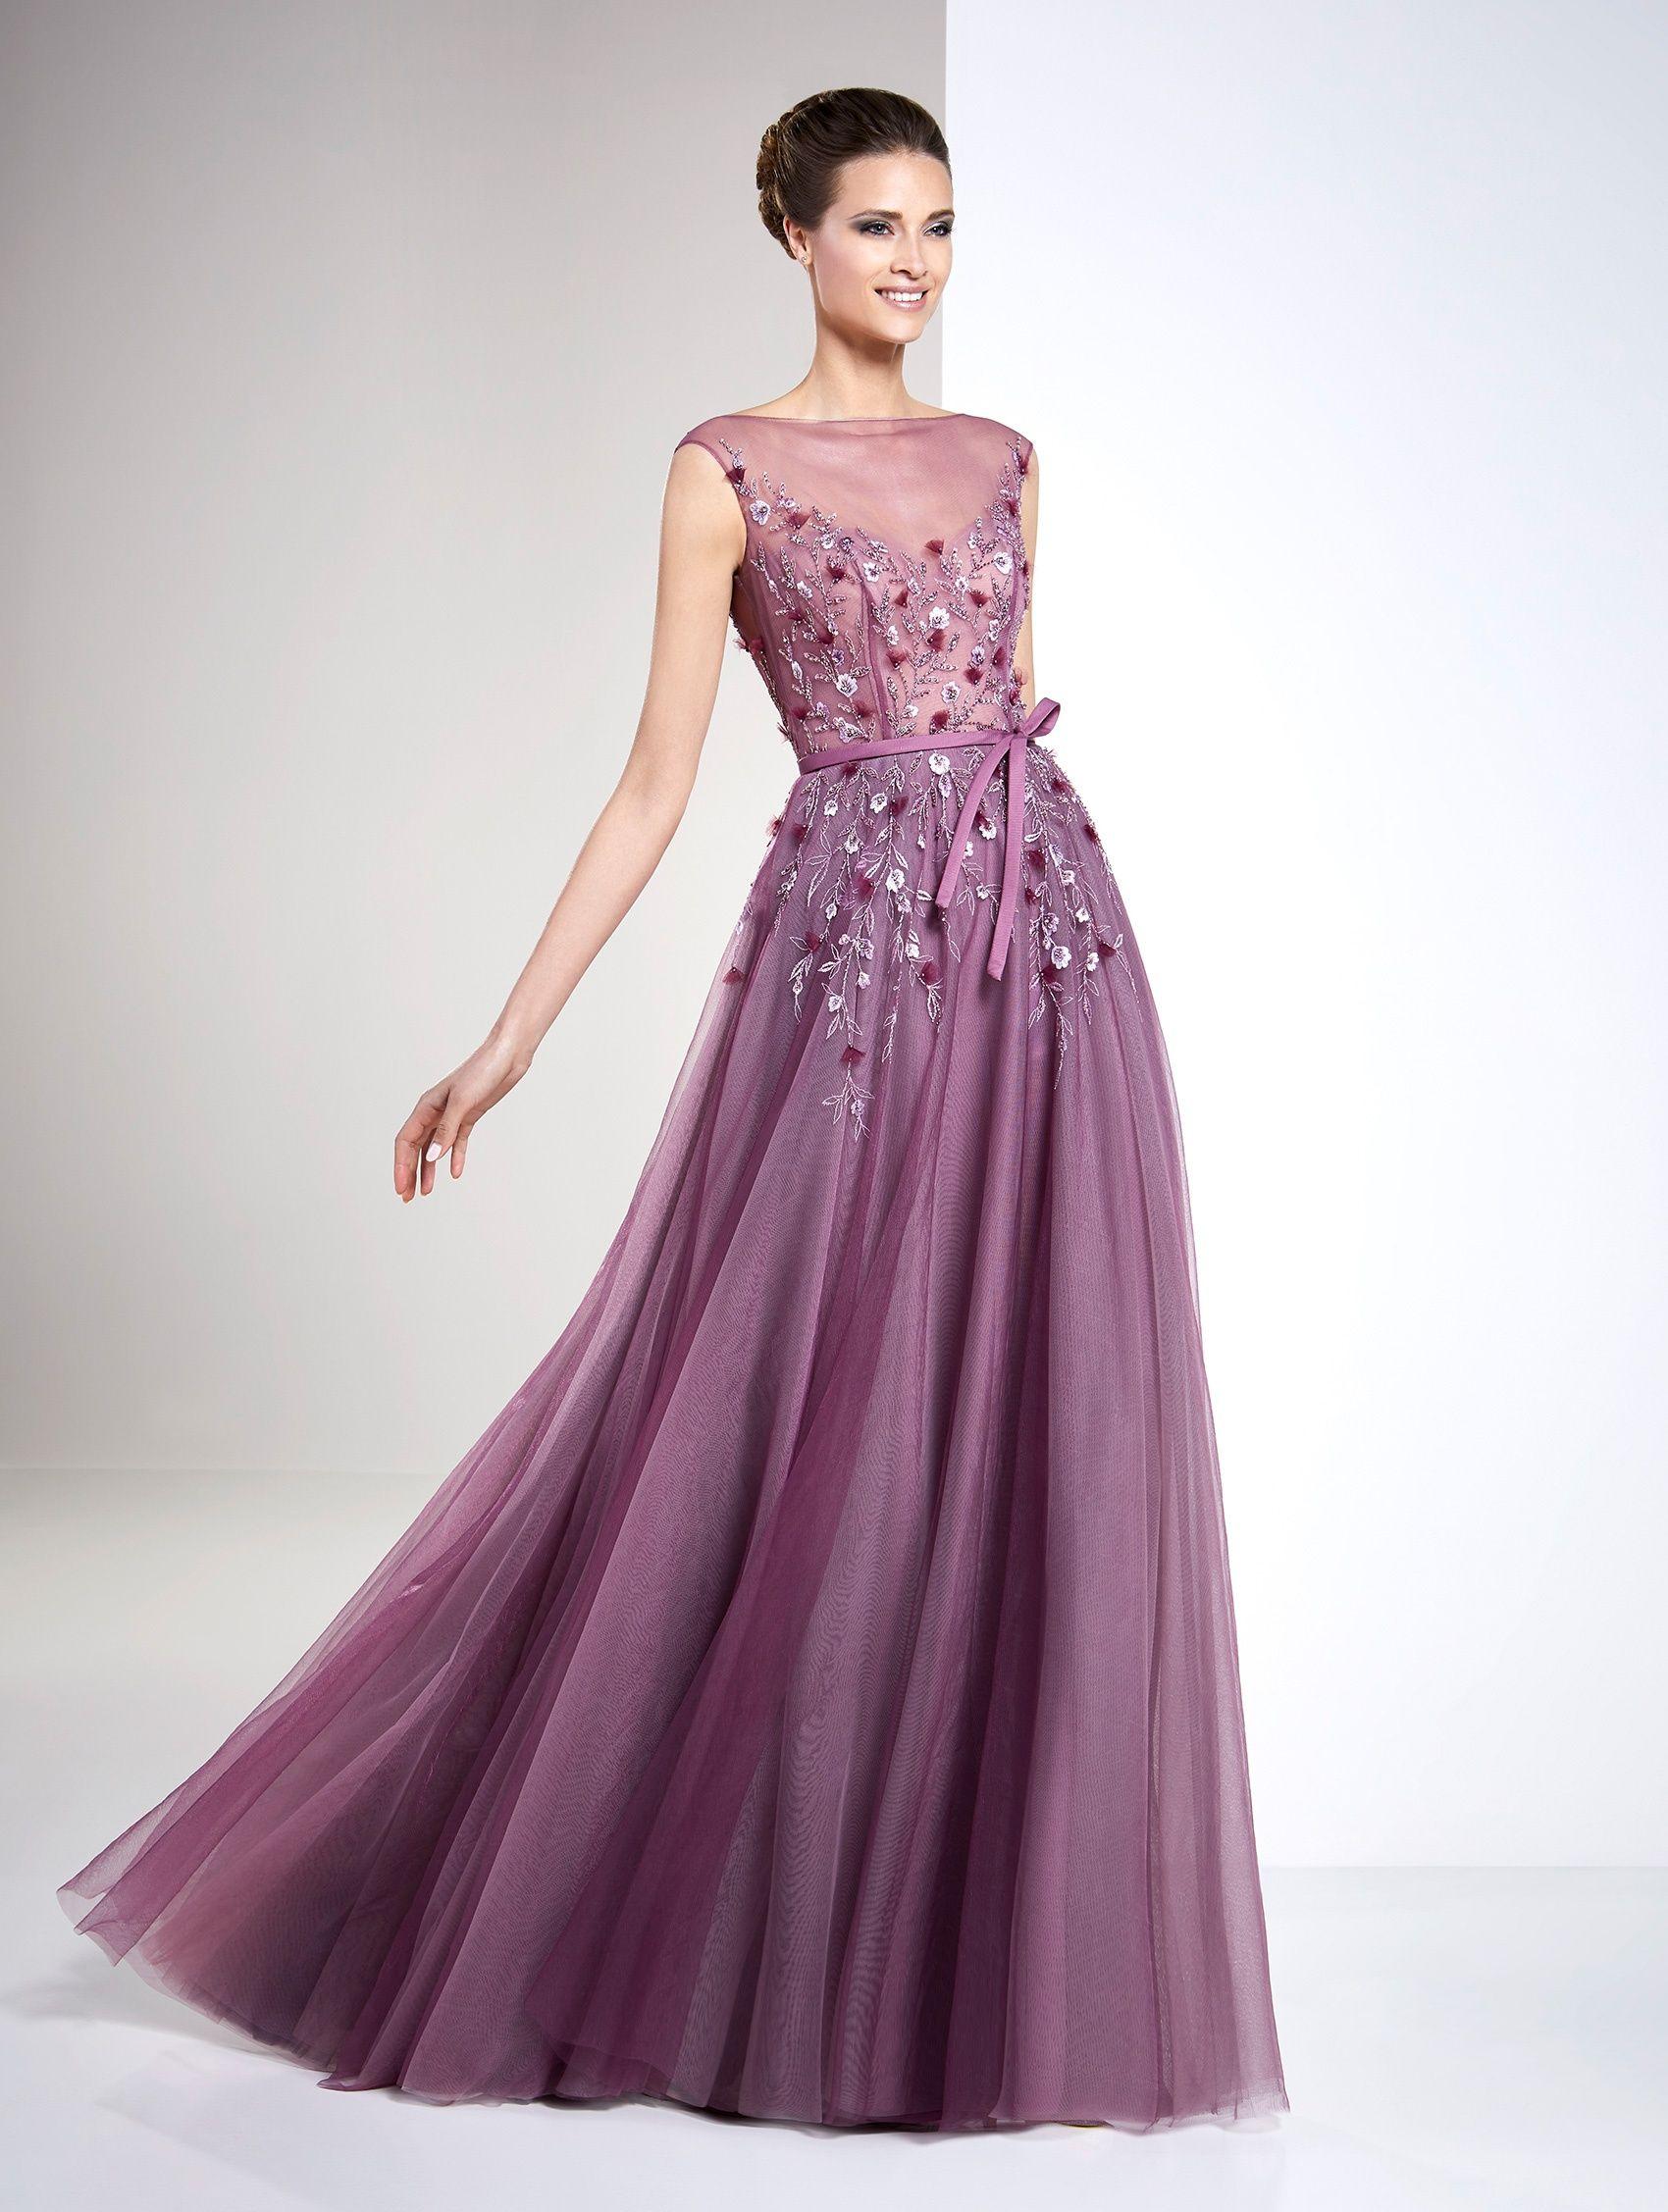 Vestiti Corti Cerimonia 2018.Moda Sposa 2018 Collezione Cerimonia Nicole Ceab18250 Abito Da